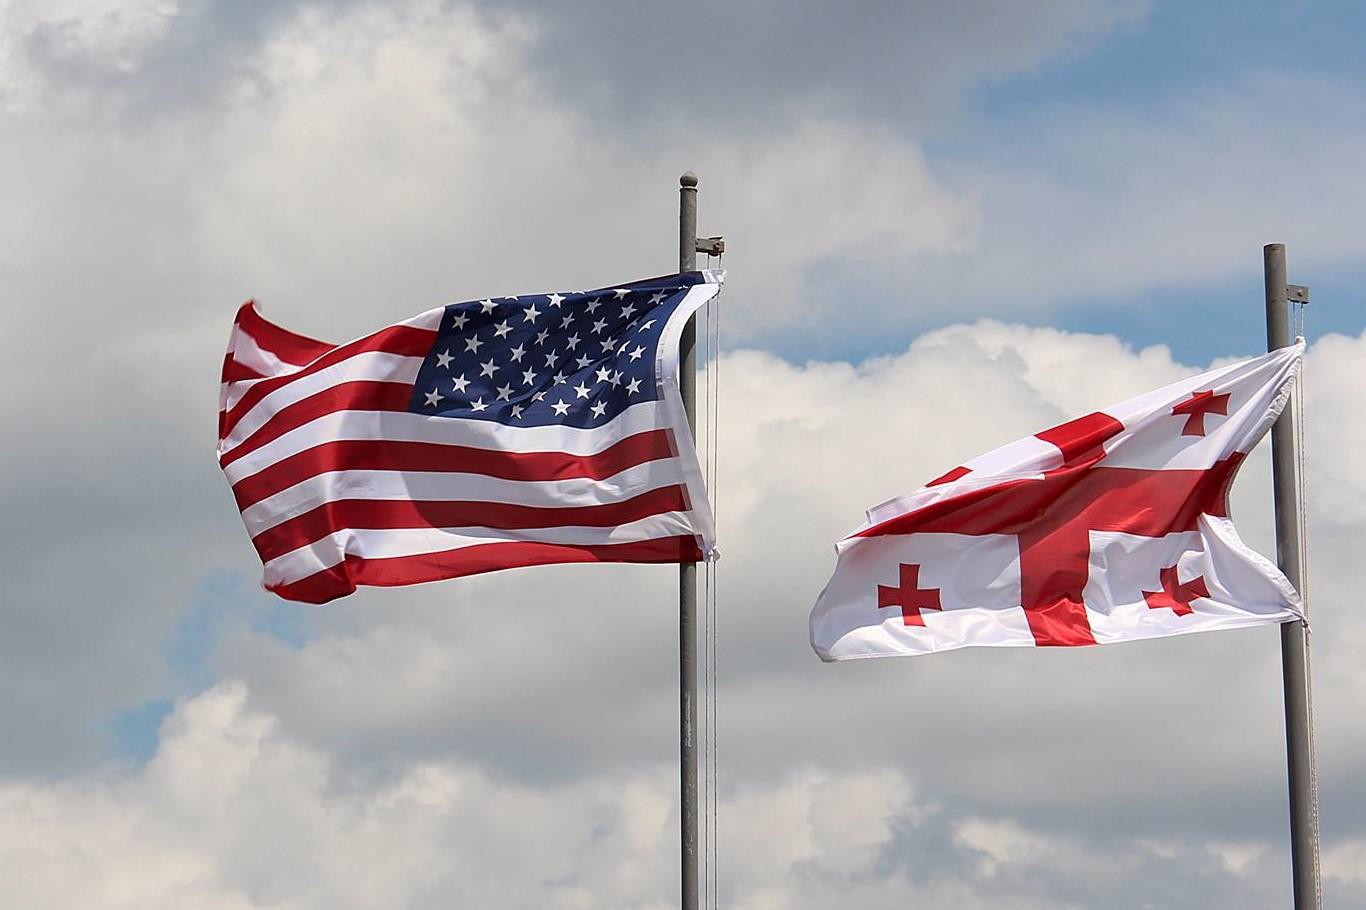 USA Georgia Flags #новости Выбор-2021, Грузия-США, Тбилиси-Вашингтон